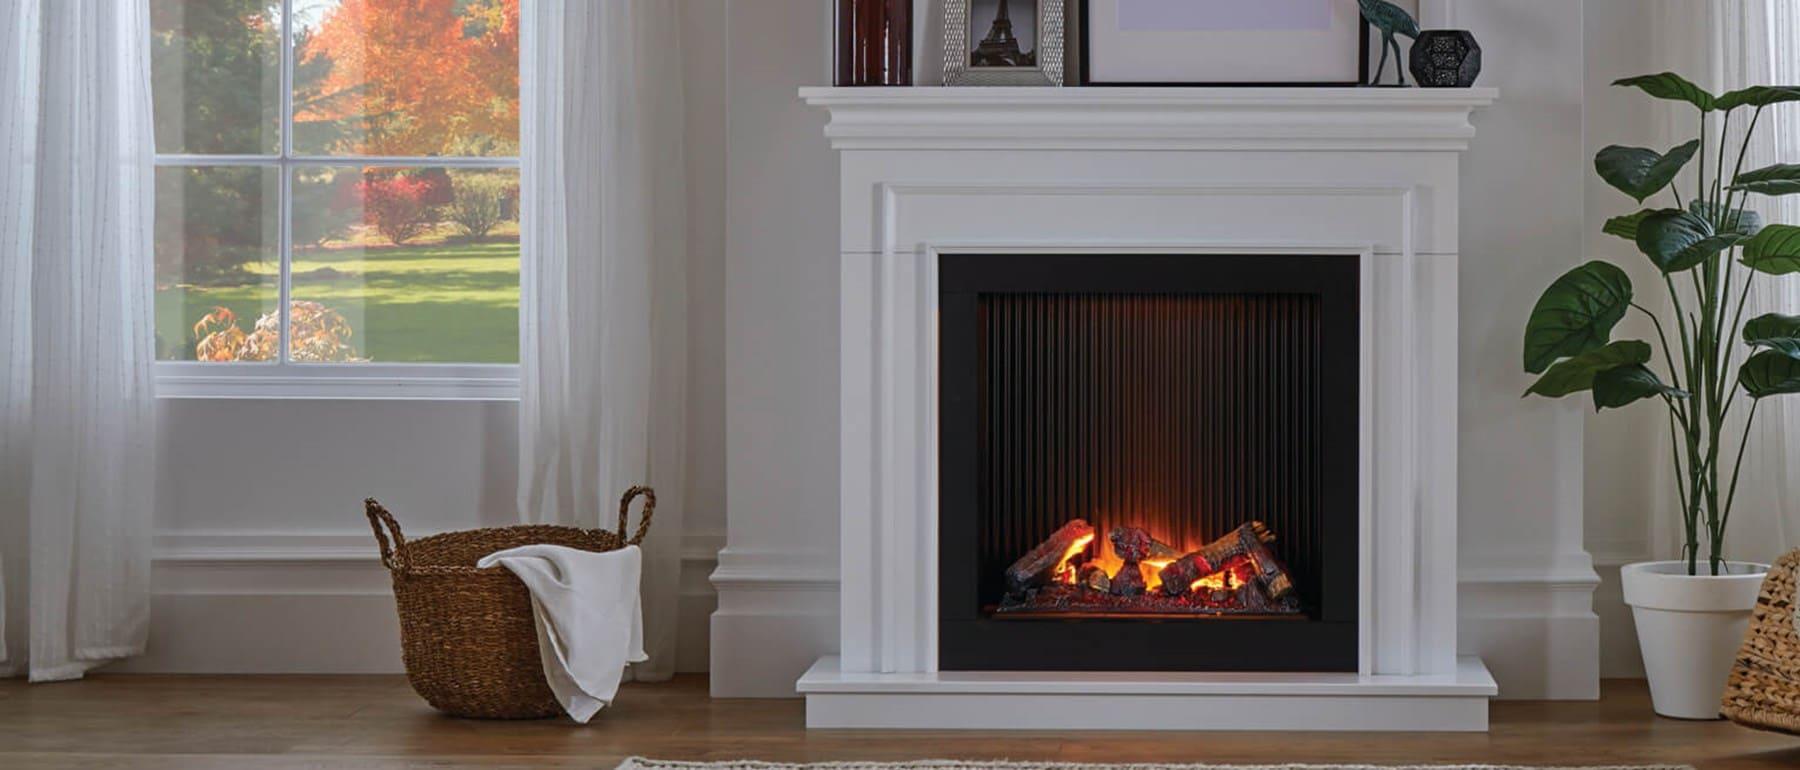 Italia Genoa Opti-myst Fireplace Electric Suite